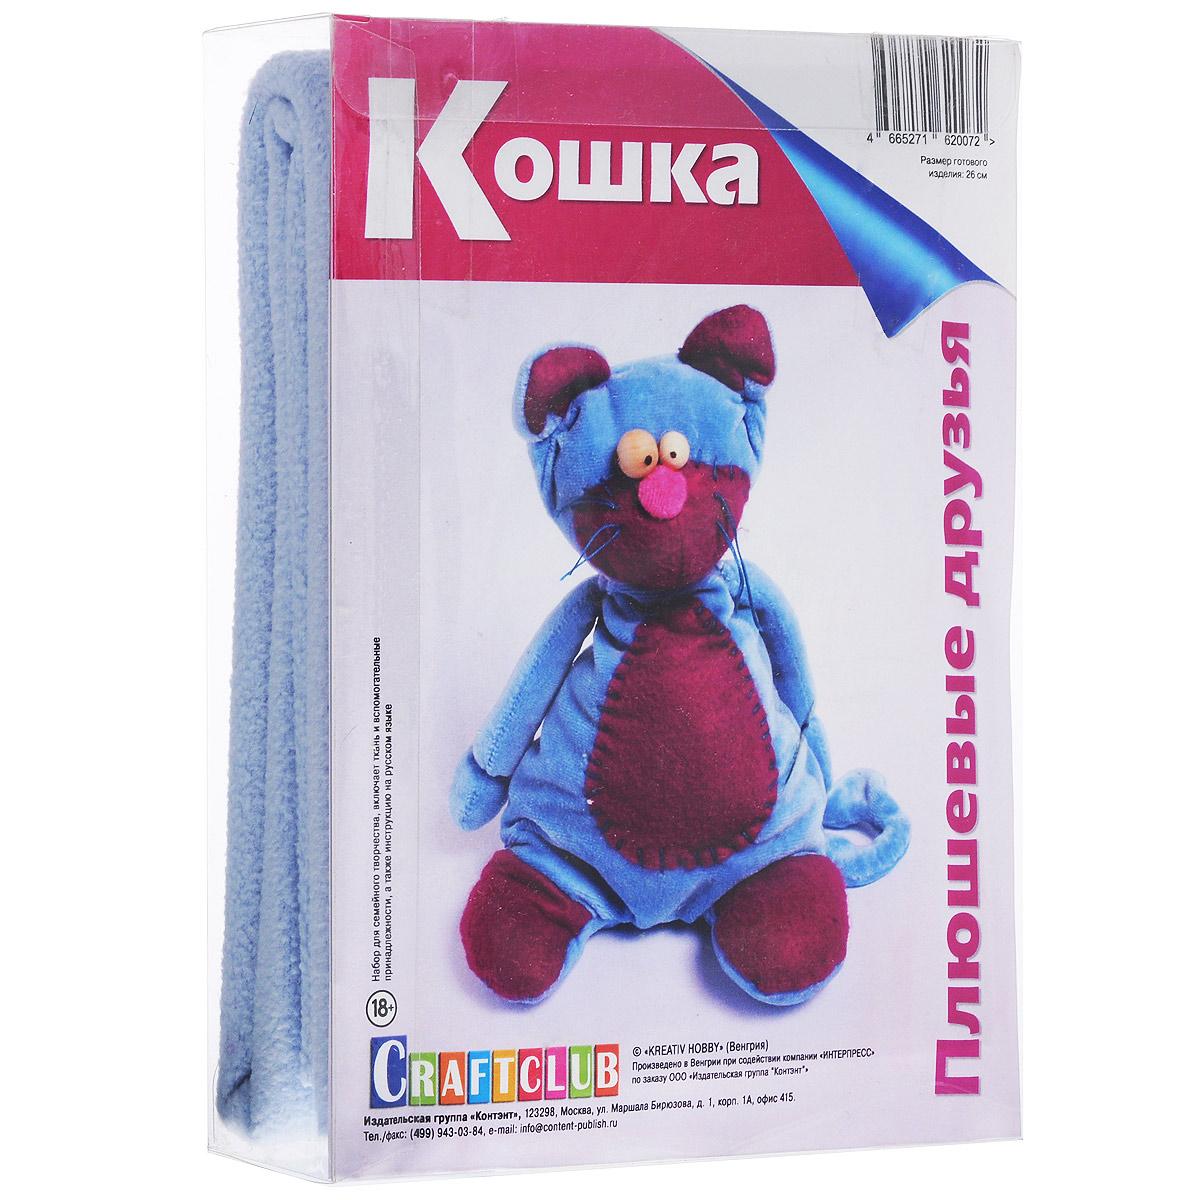 Набор для изготовления игрушки Craftclub Кошка, высота 26 см4665271620072Набор для изготовления игрушки Craftclub Кошка позволит самостоятельно создать мягкую текстильную кошку. В набор входит: - плюш; - фетр; - деревянные бусины (2 шт); - нитки-мулине; - выкройки; - инструкция на русском языке. Набор для изготовления текстильной игрушки подарит массу положительных эмоций. Наполнитель в комплект не входит. В качестве наполнителя подойдет синтепух. Высота готового изделия: 26 см.